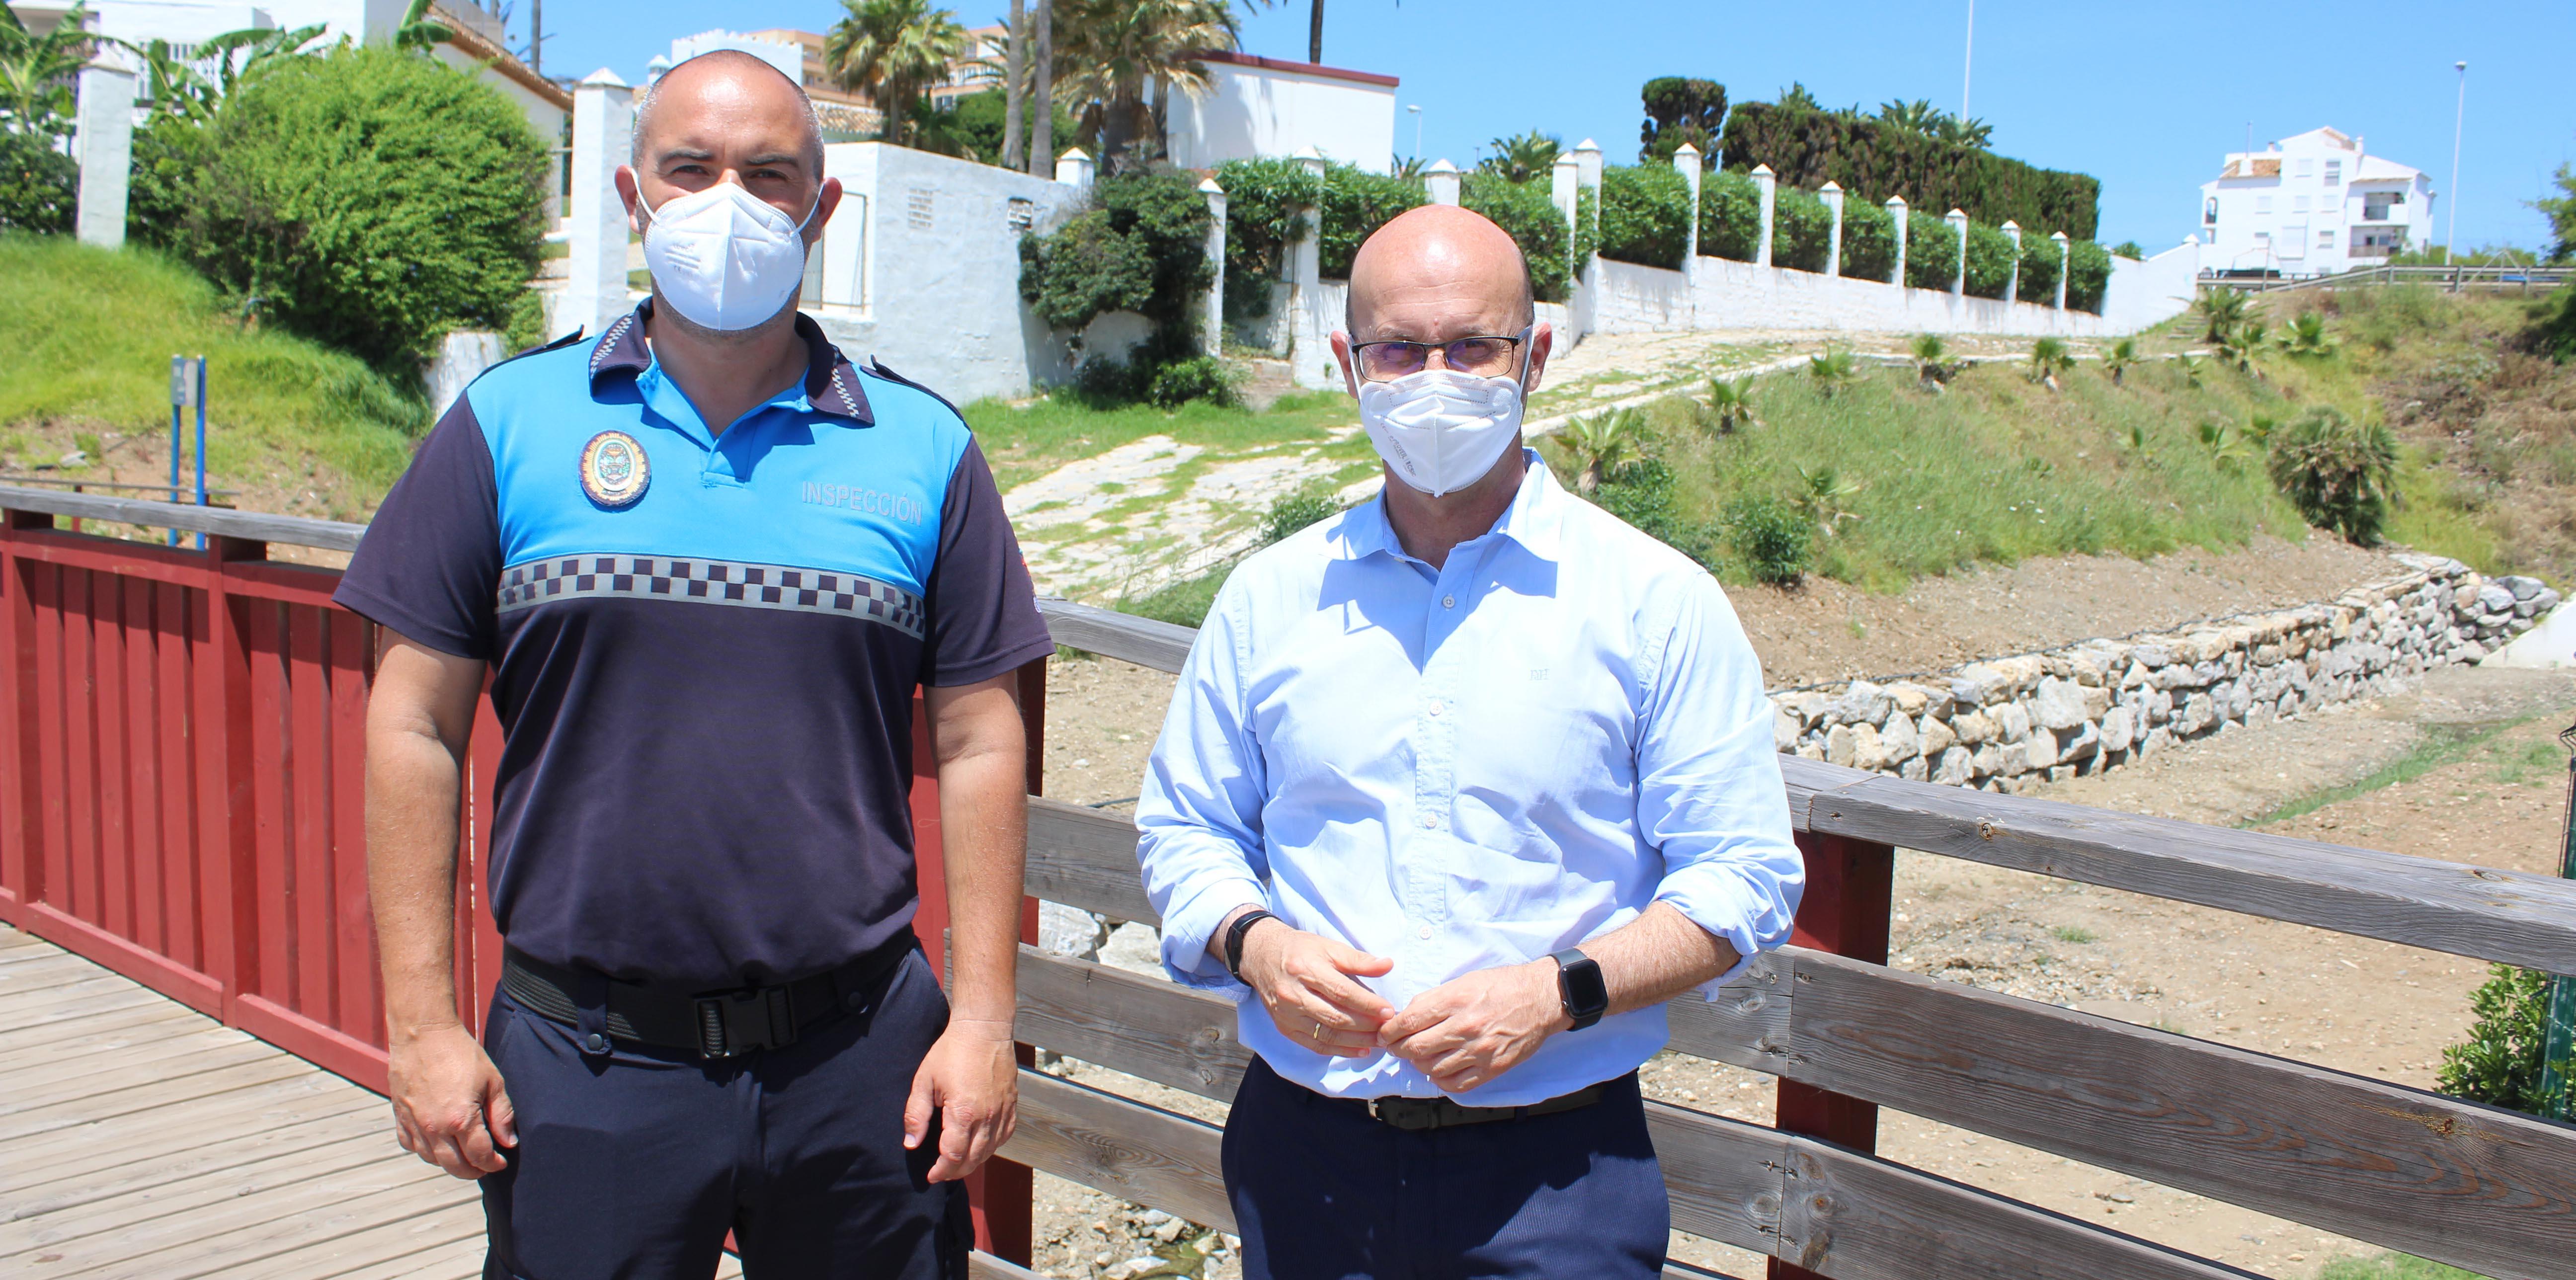 Playas finaliza la construcción de un nuevo muro de escollera en La Lucera